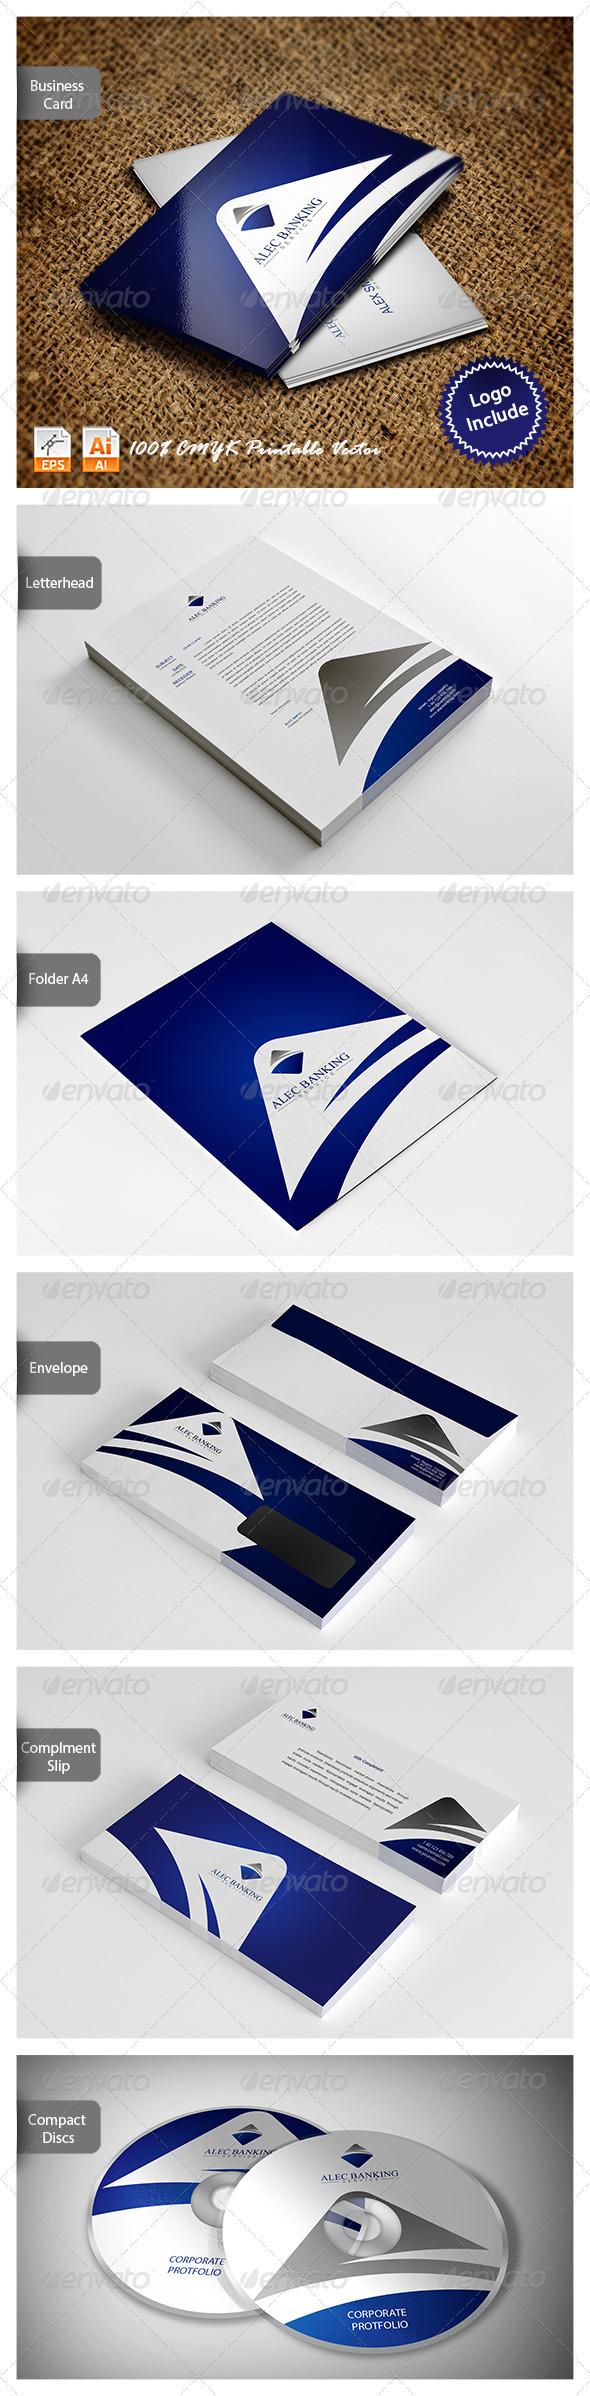 GraphicRiver Corporate Identity Alec Banking 3841279